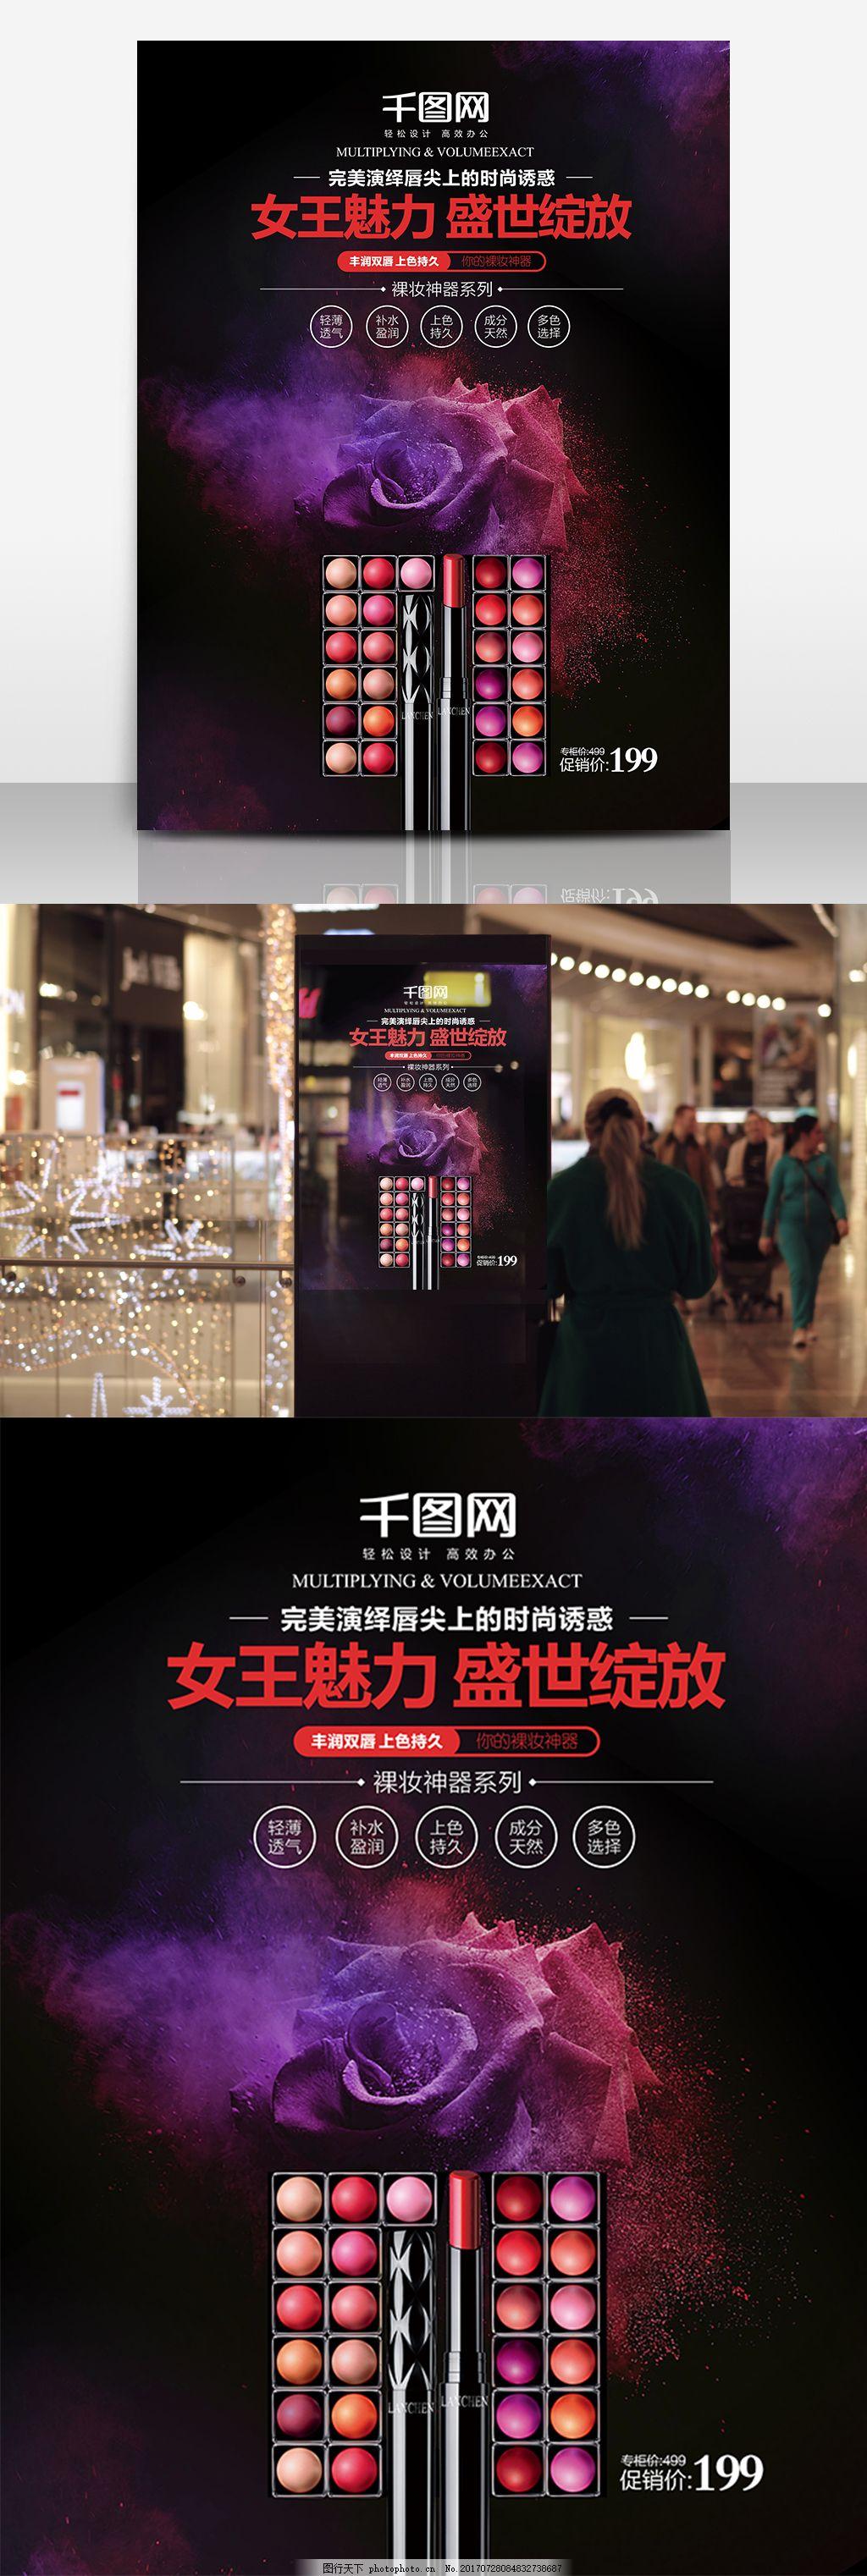 炫酷化妆品彩妆宣传促销海报